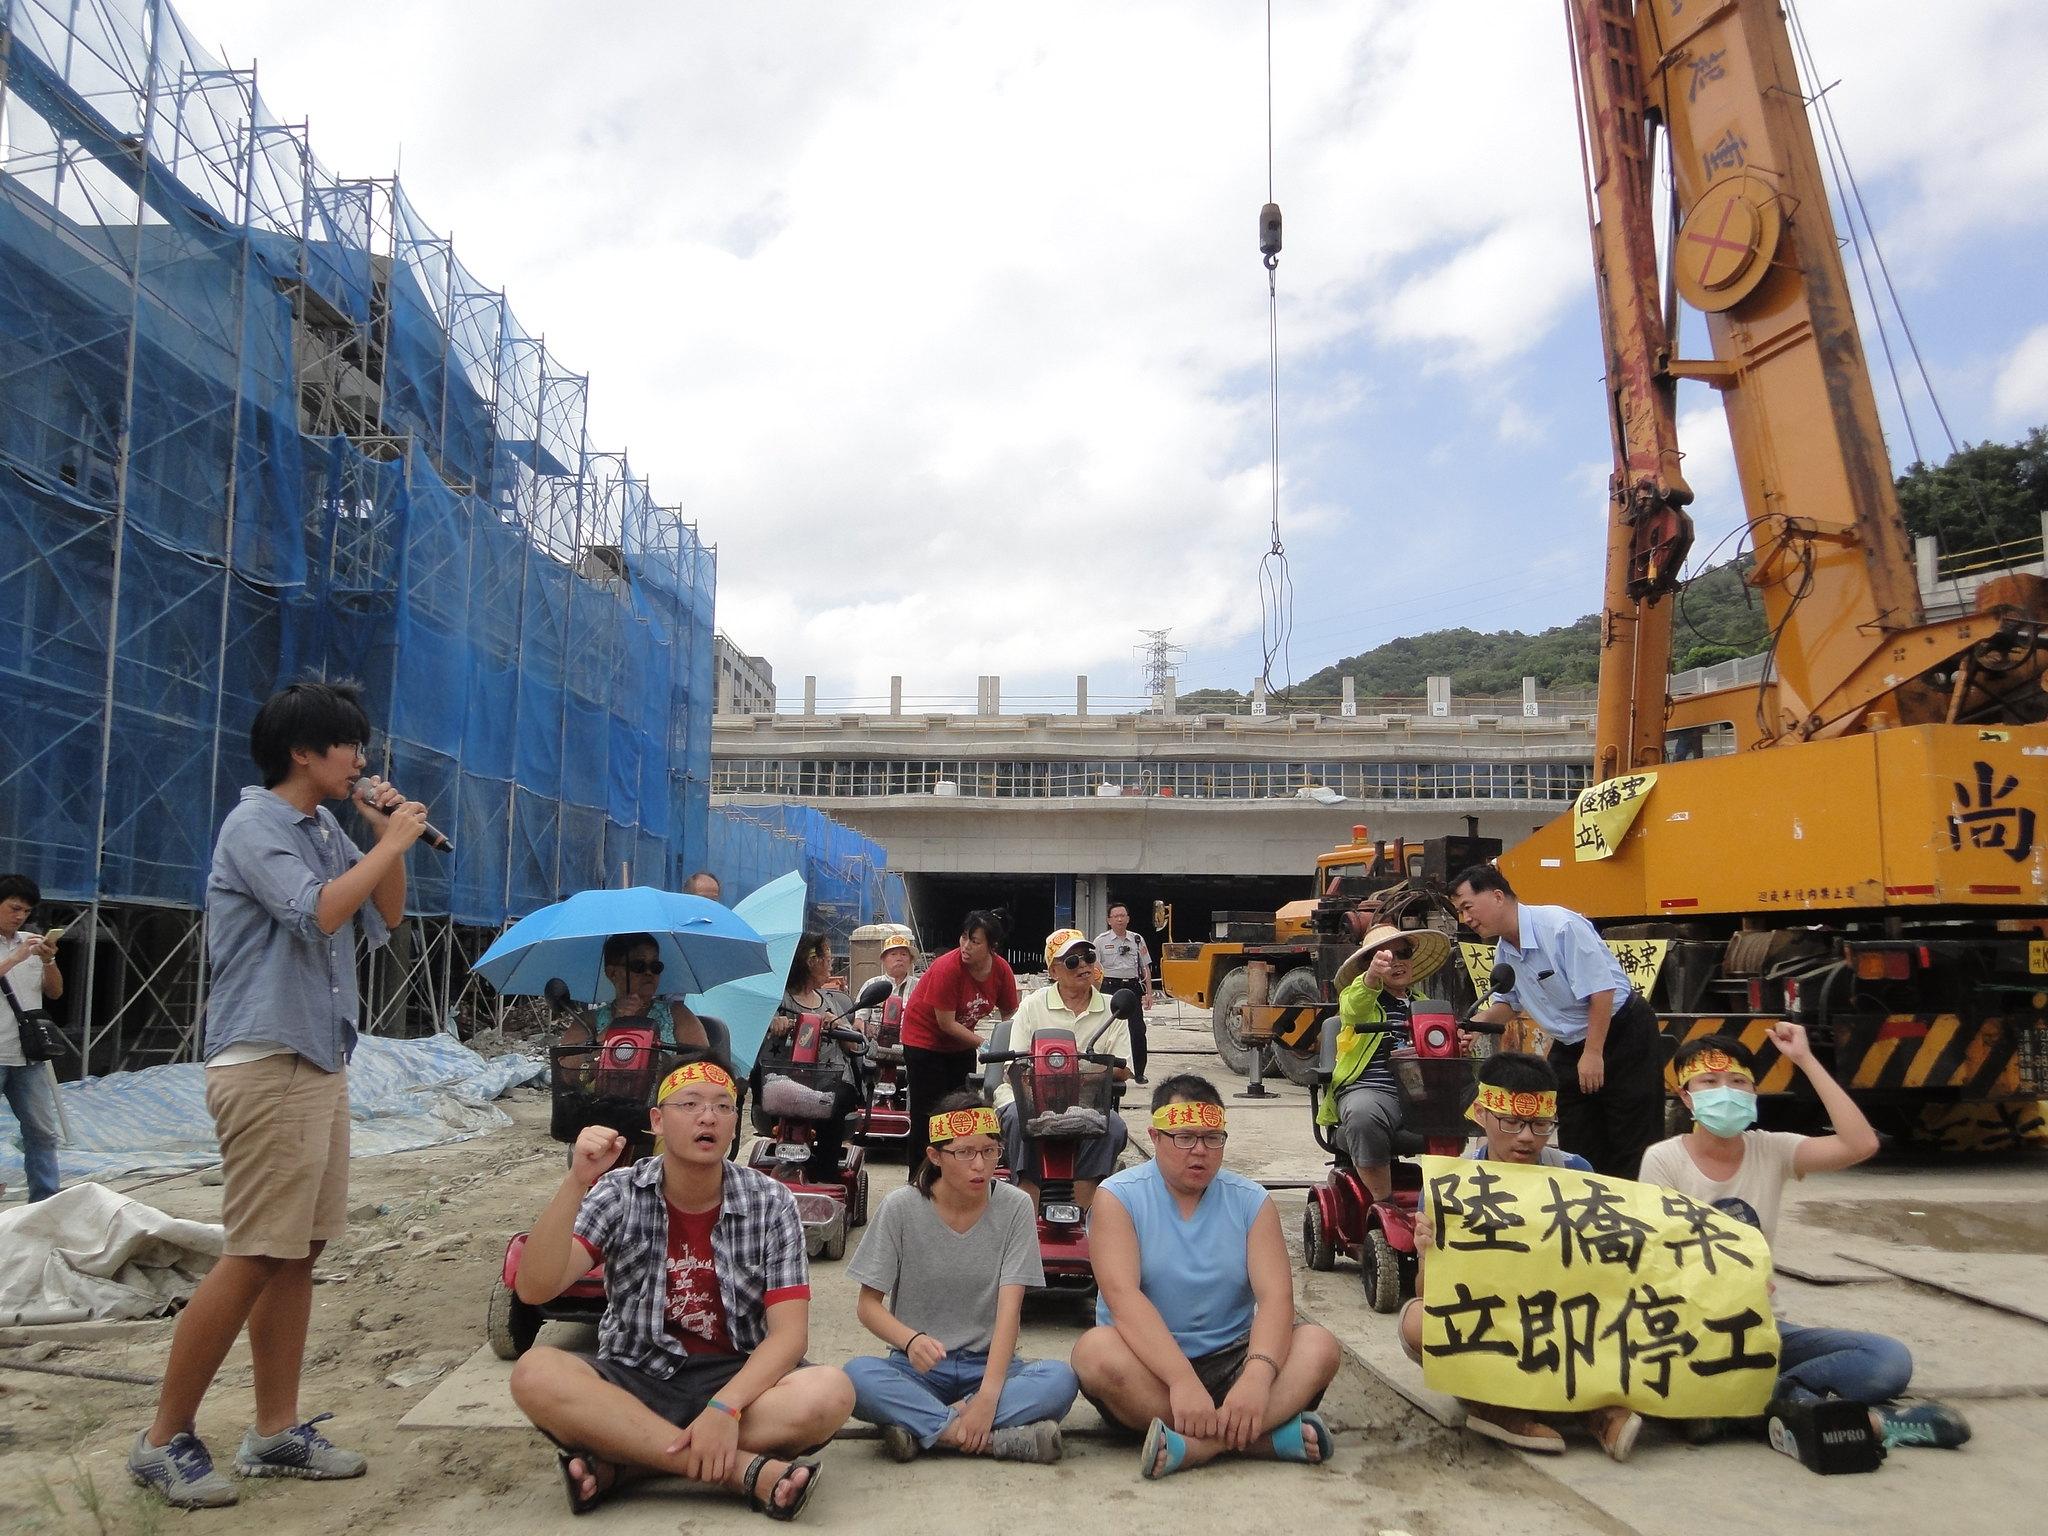 樂生自救會院民和聲援學生突襲新莊捷運機廠工地靜坐抗議。(攝影:張智琦)